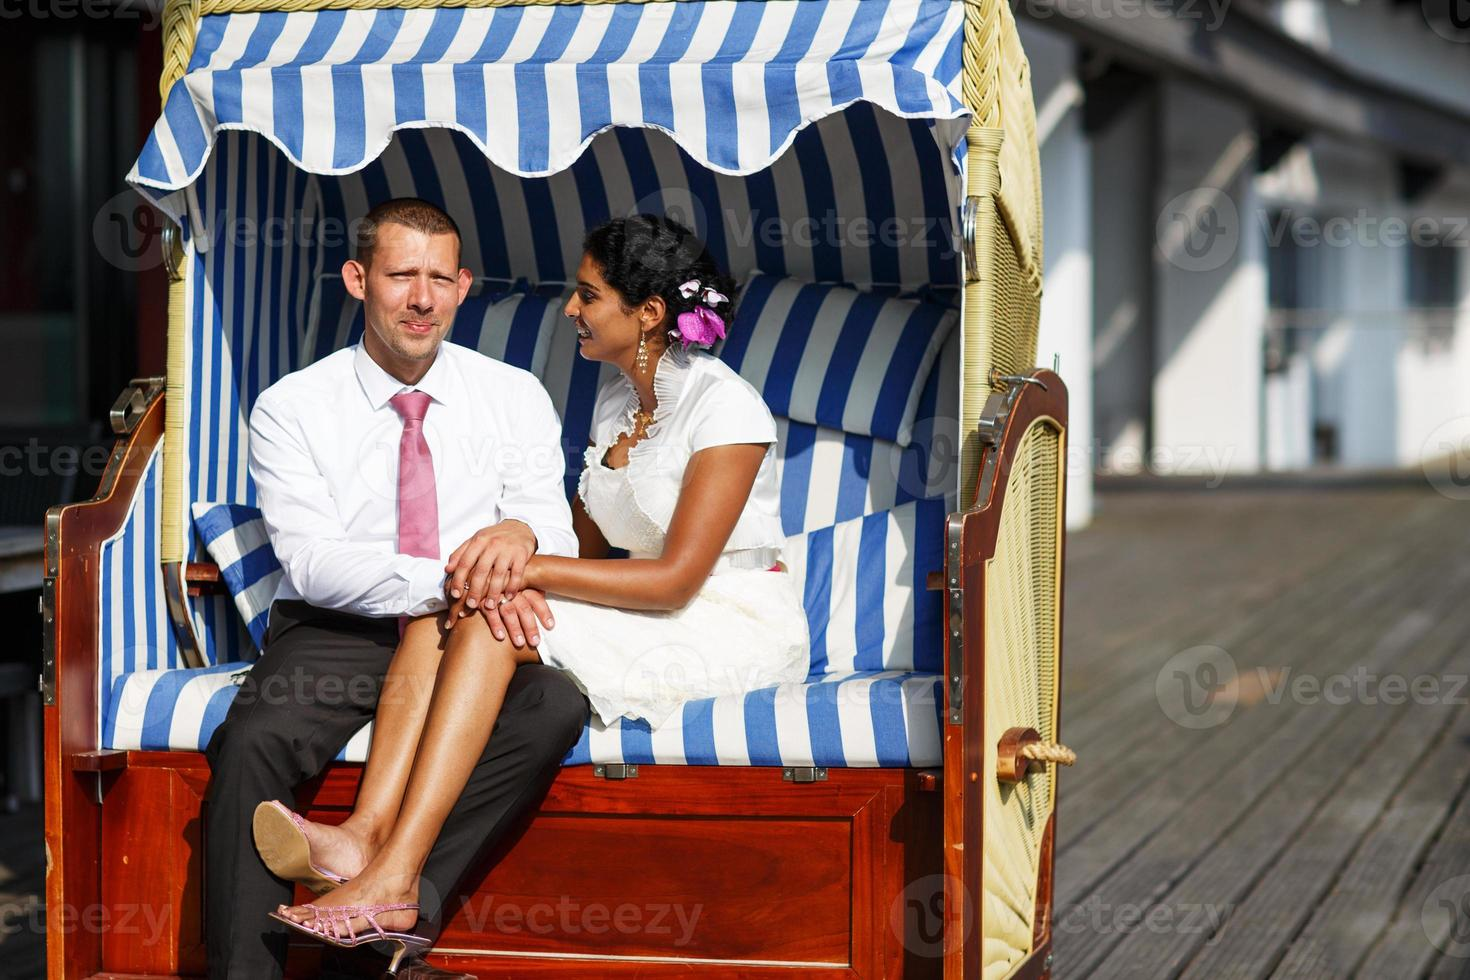 Hermosa mujer india y hombre caucásico, en silla de playa. foto